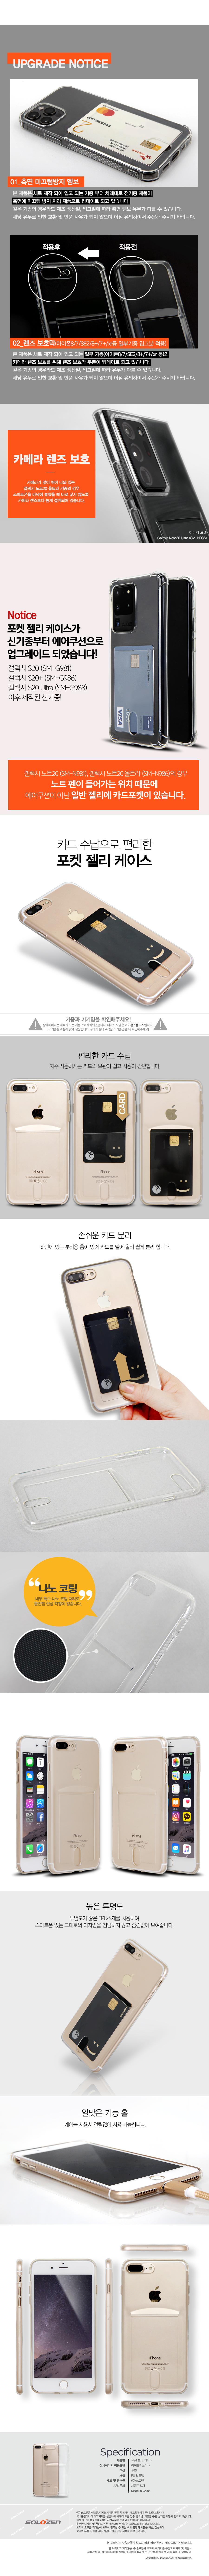 갤럭시 S8+ G955 클리어 히트 카드포켓 젤리 휴대폰 케이스 - 솔로젠, 2,000원, 케이스, 갤럭시S8/S8플러스